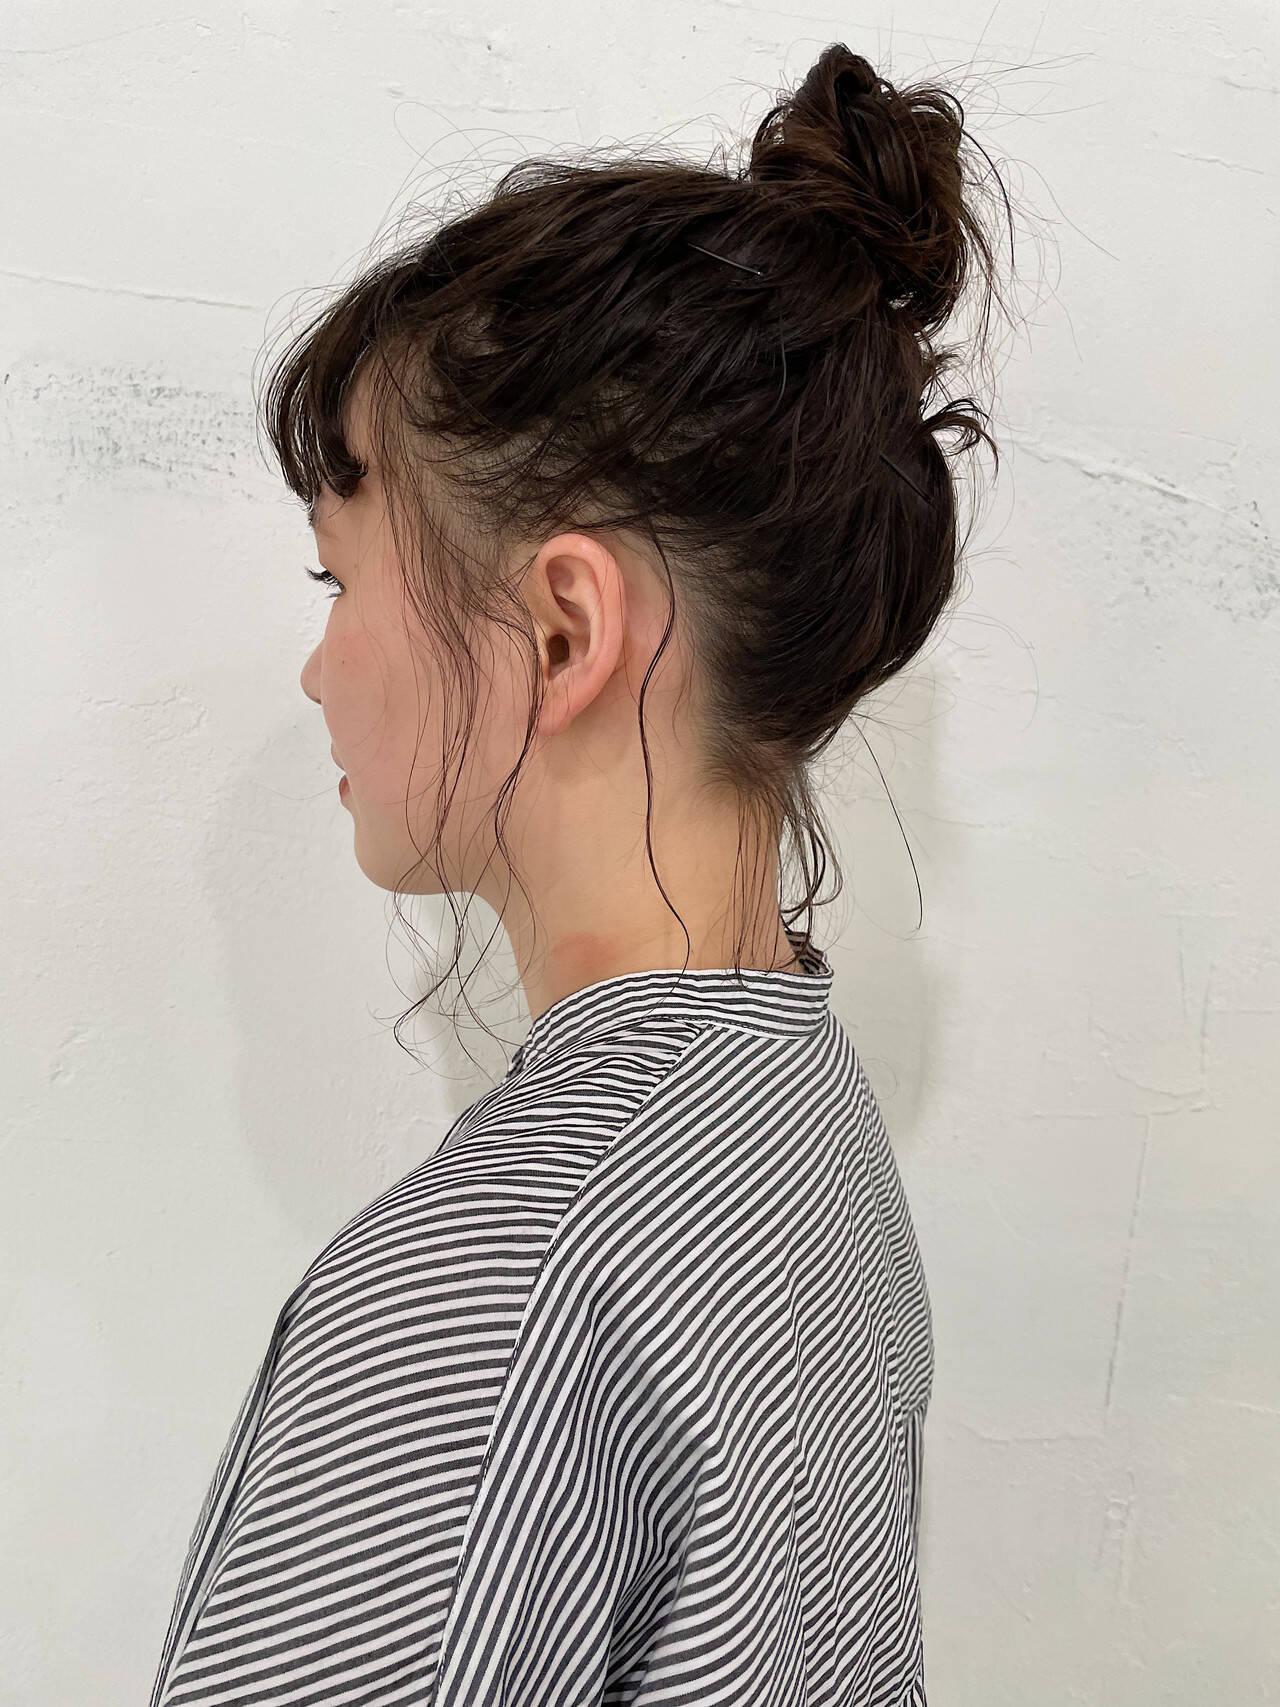 ボブ パーマボブ ゆるふわパーマ 簡単ヘアアレンジヘアスタイルや髪型の写真・画像